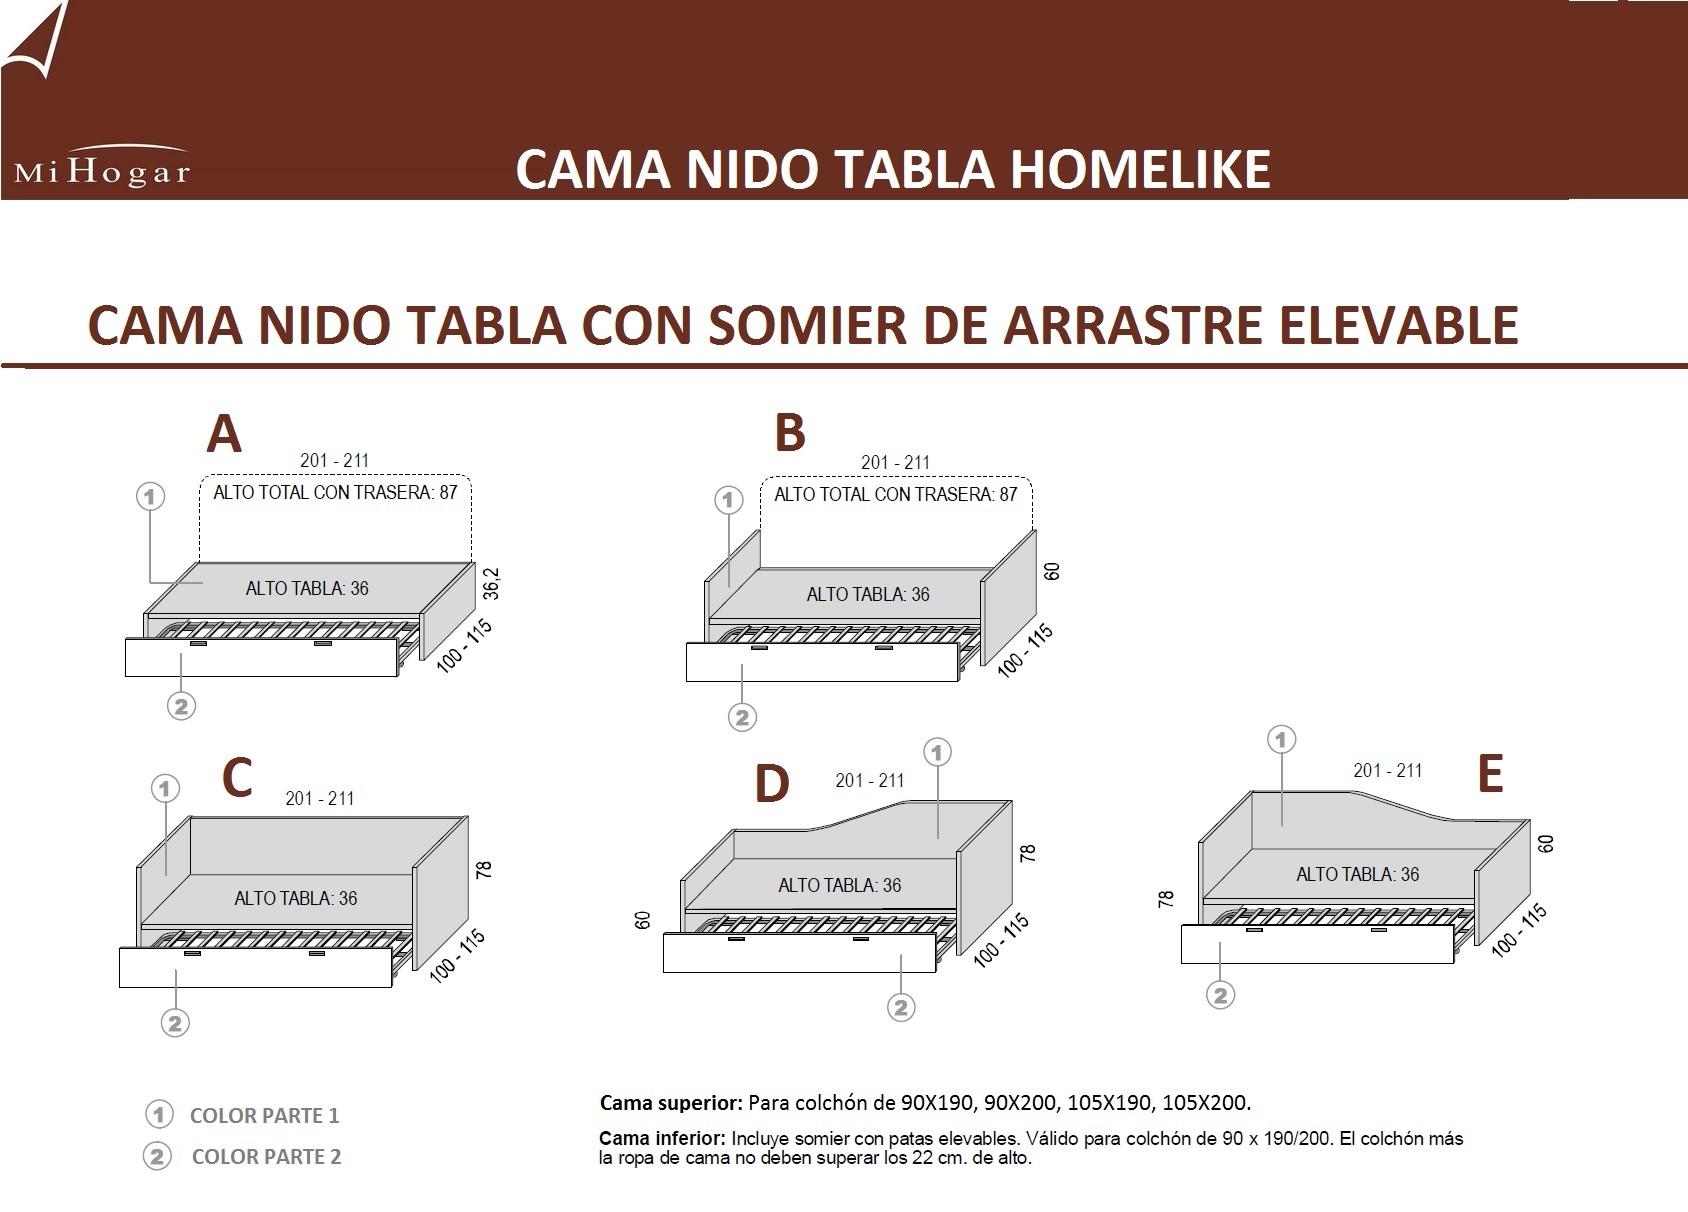 Cama nido tabla homelike muebles mi hogar for Cuales son las medidas de un colchon king size